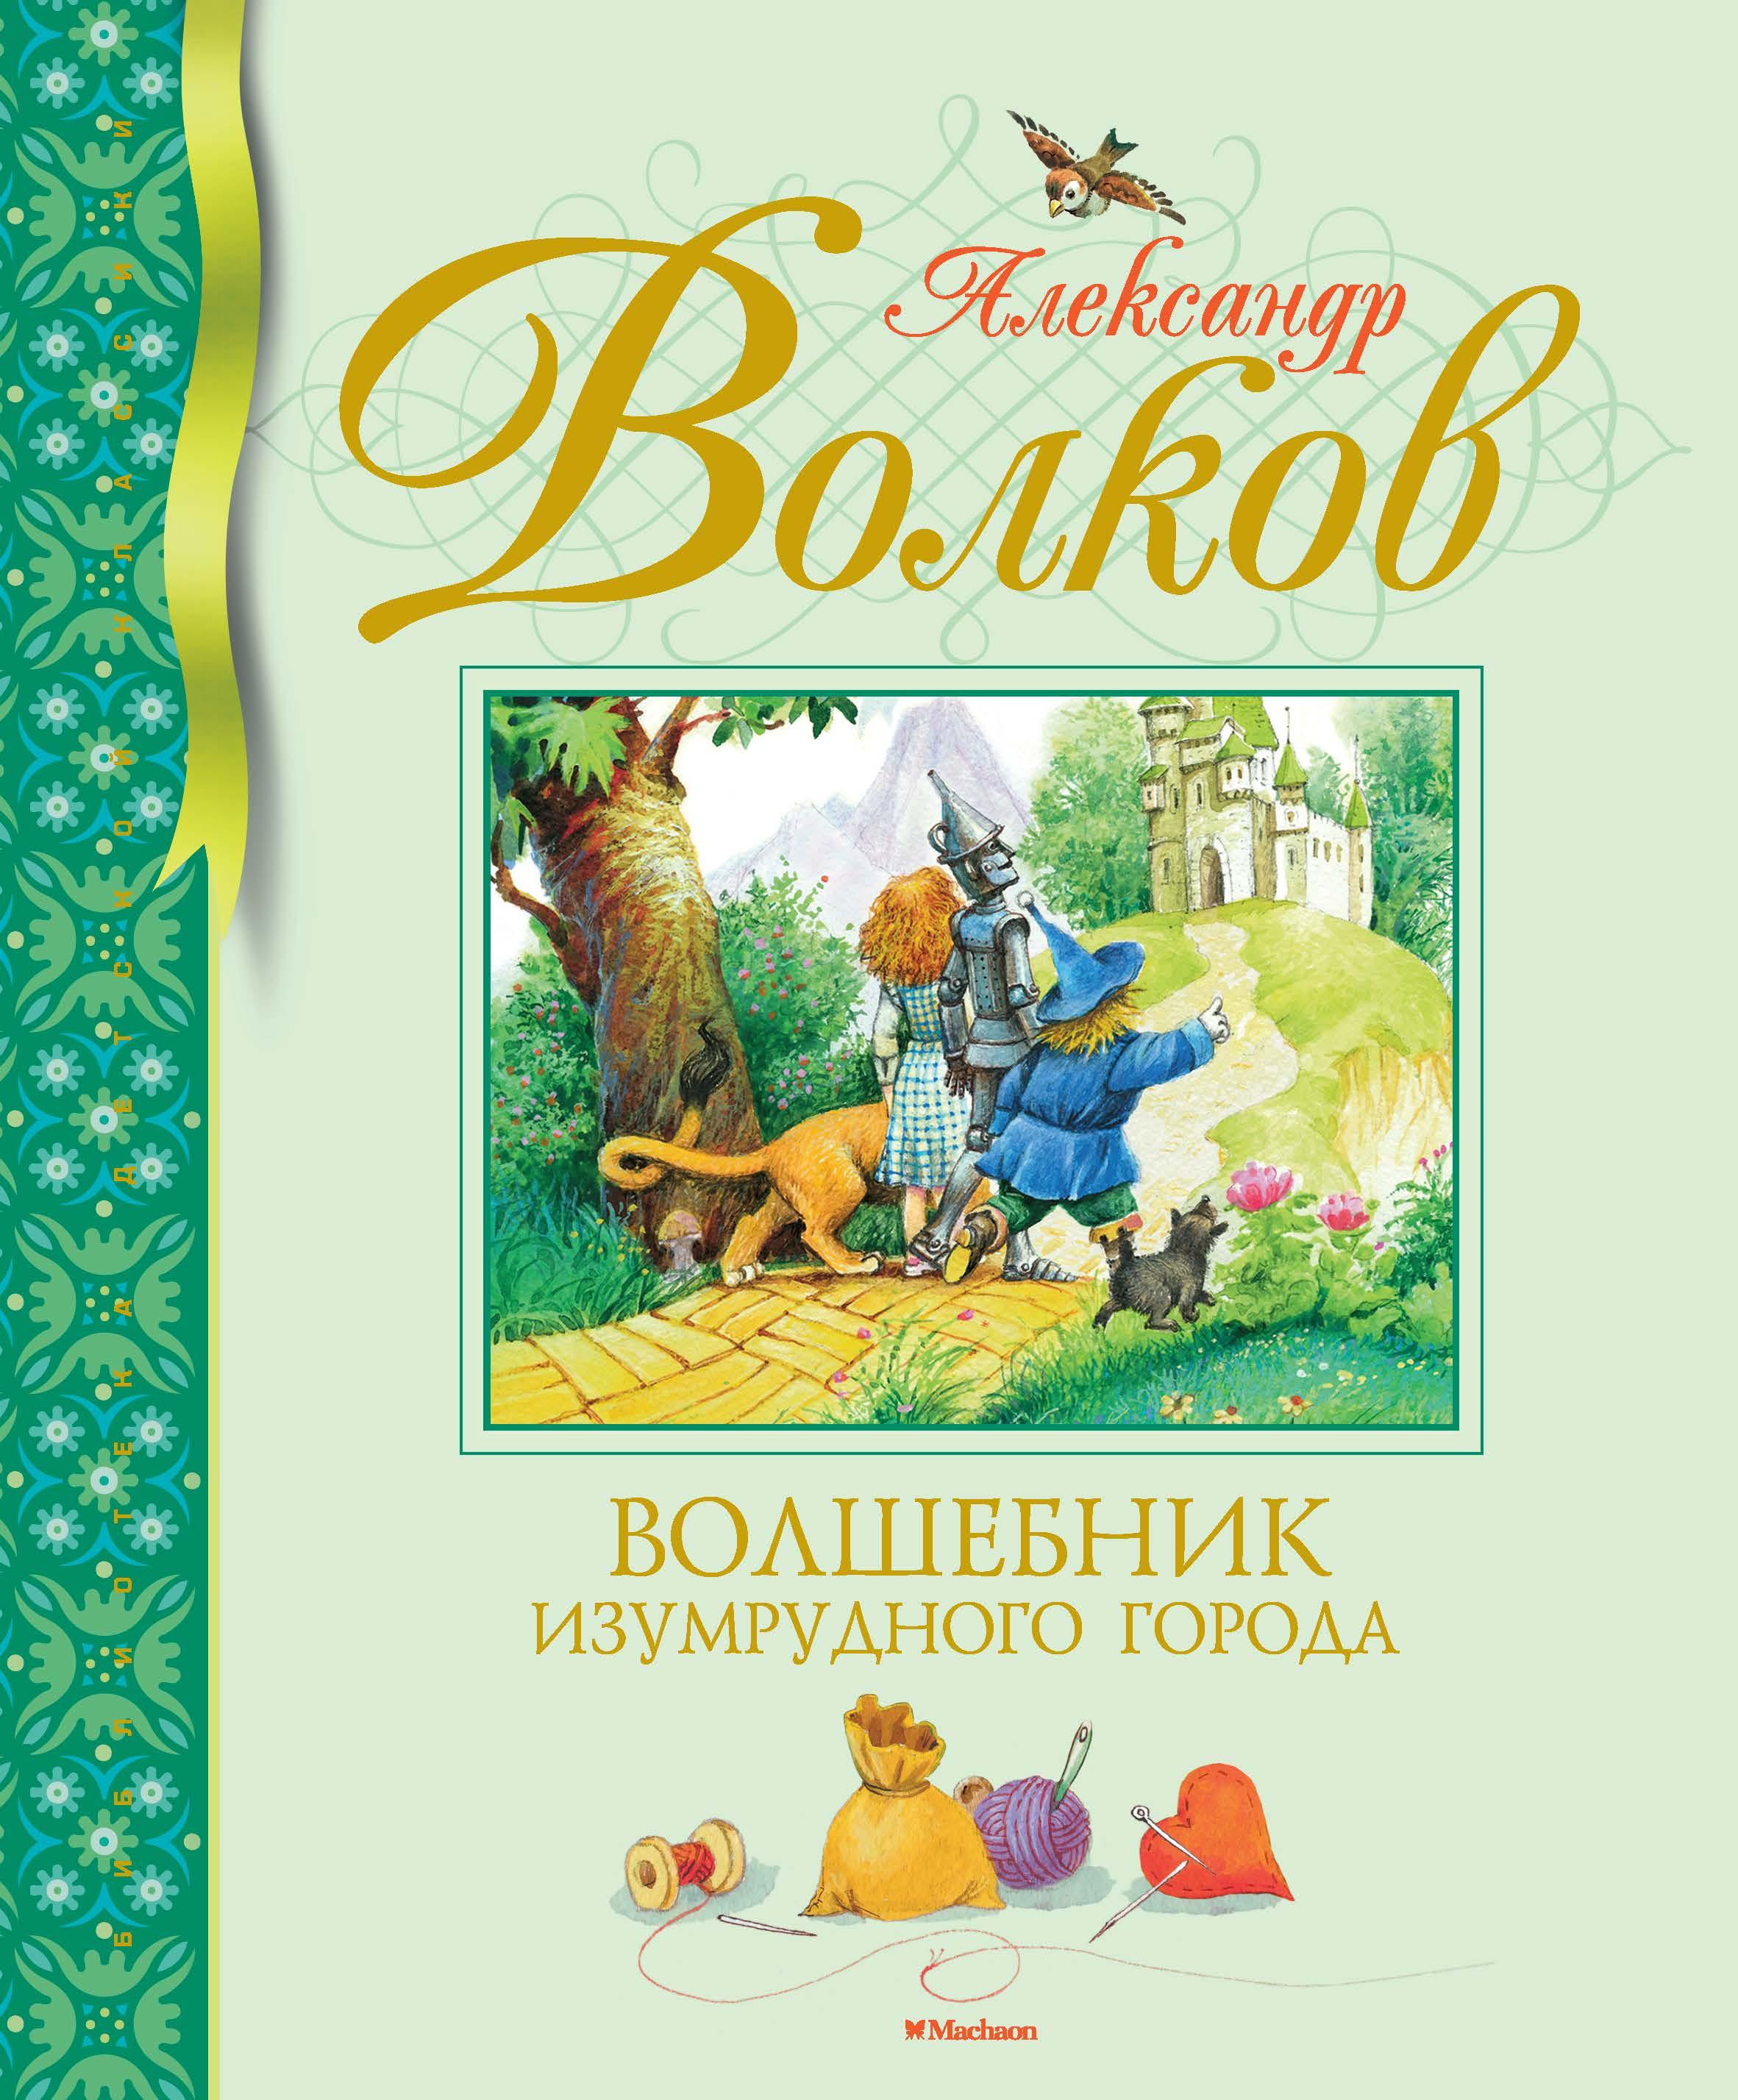 Волков А. Волшебник Изумрудного города (нов.обл.)